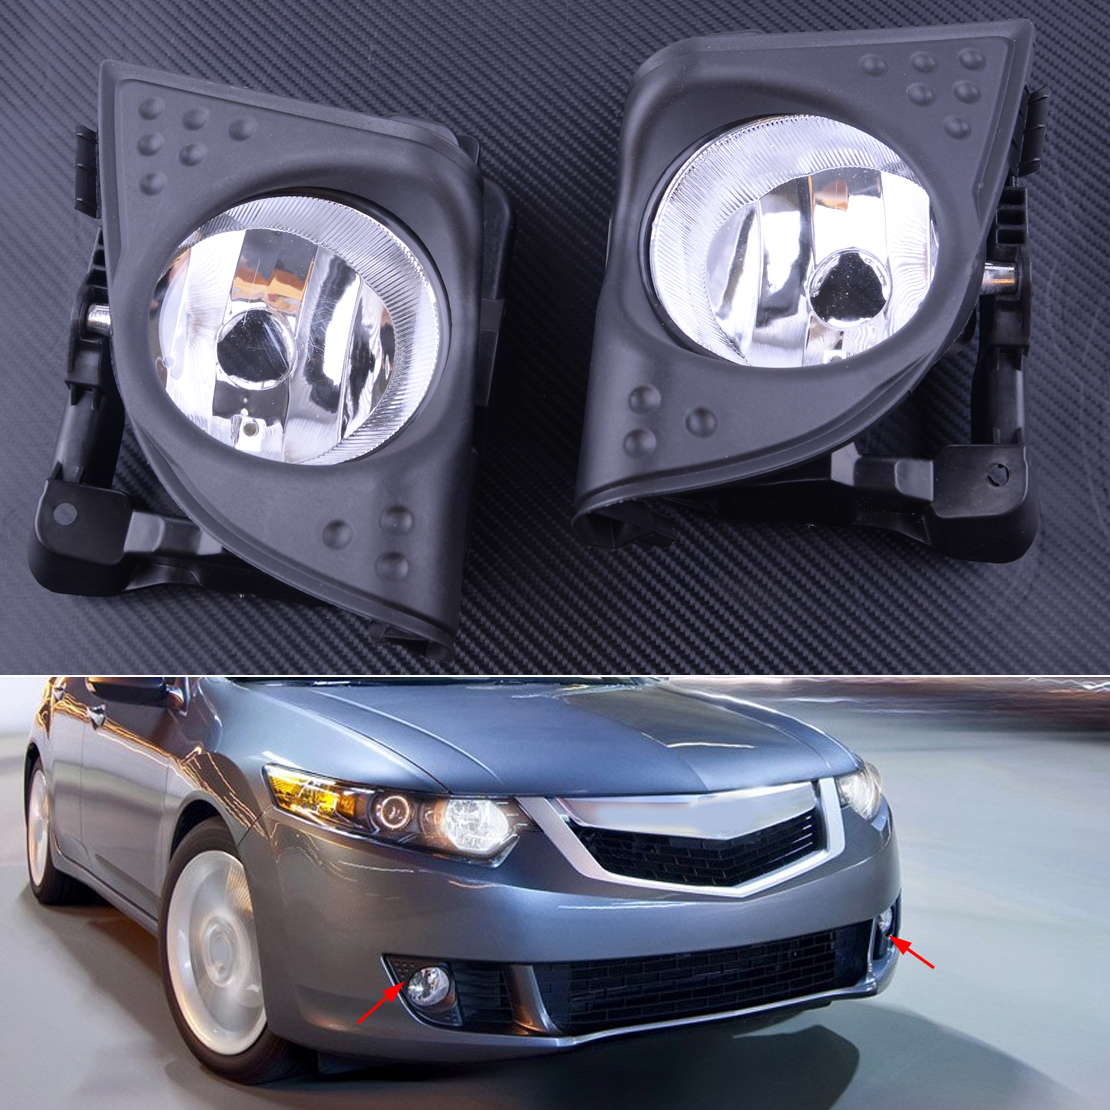 Nouveau 1 paire voiture gauche droite avant brouillard conduite lampe couvercle garniture cadre noir 33900TL0A01 33950TL0A01 Fit pour Acura TSX 2009 2010